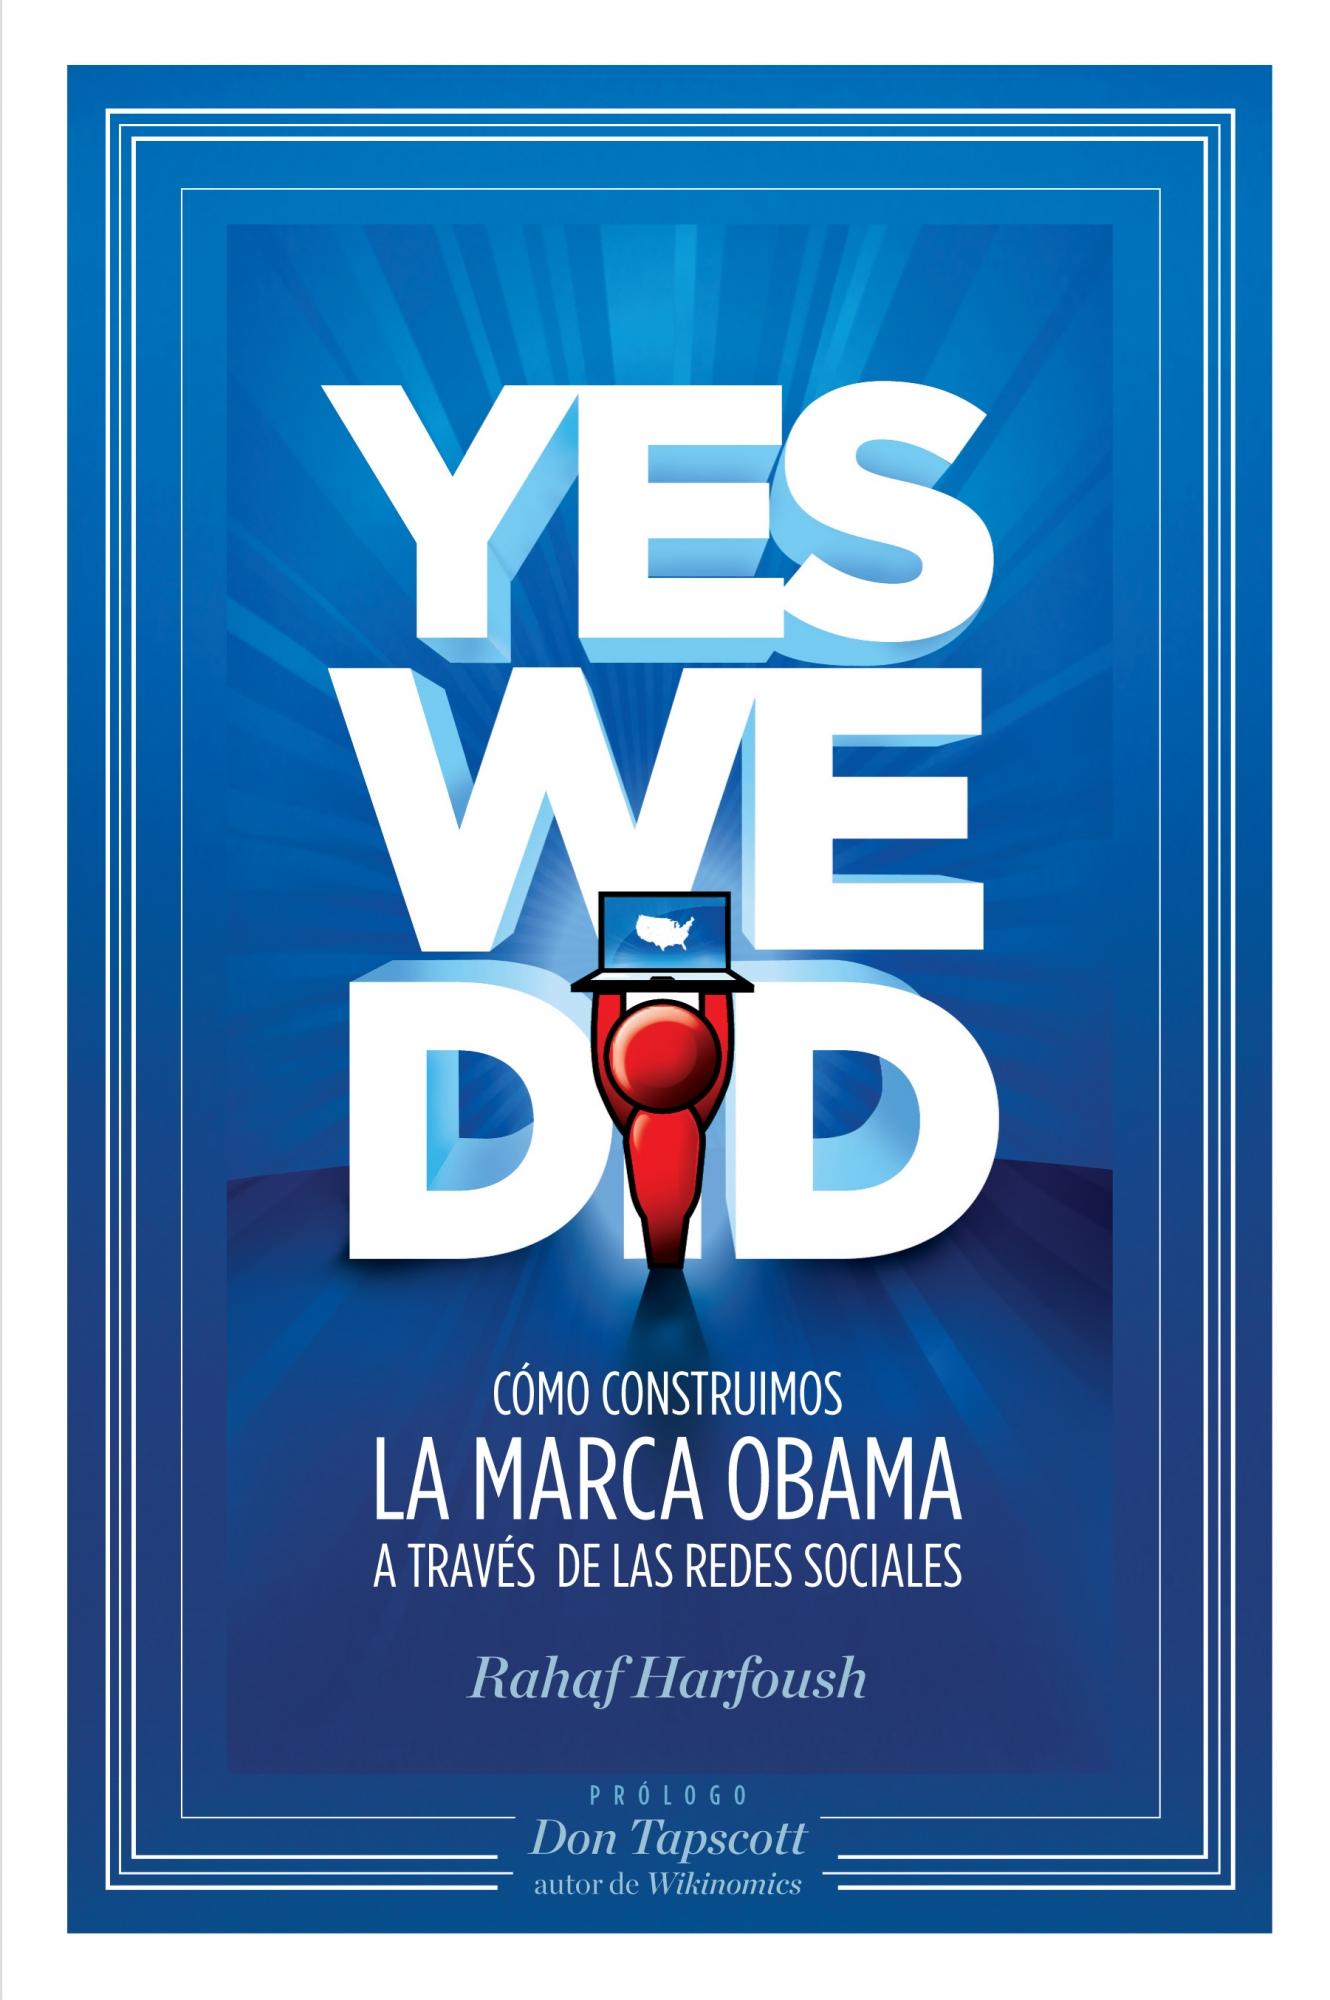 YES WE DID: CÓMO CONSTRUIMOS LA MARCA OBAMA A TRAVÉS DE LAS REDES SOCIALES